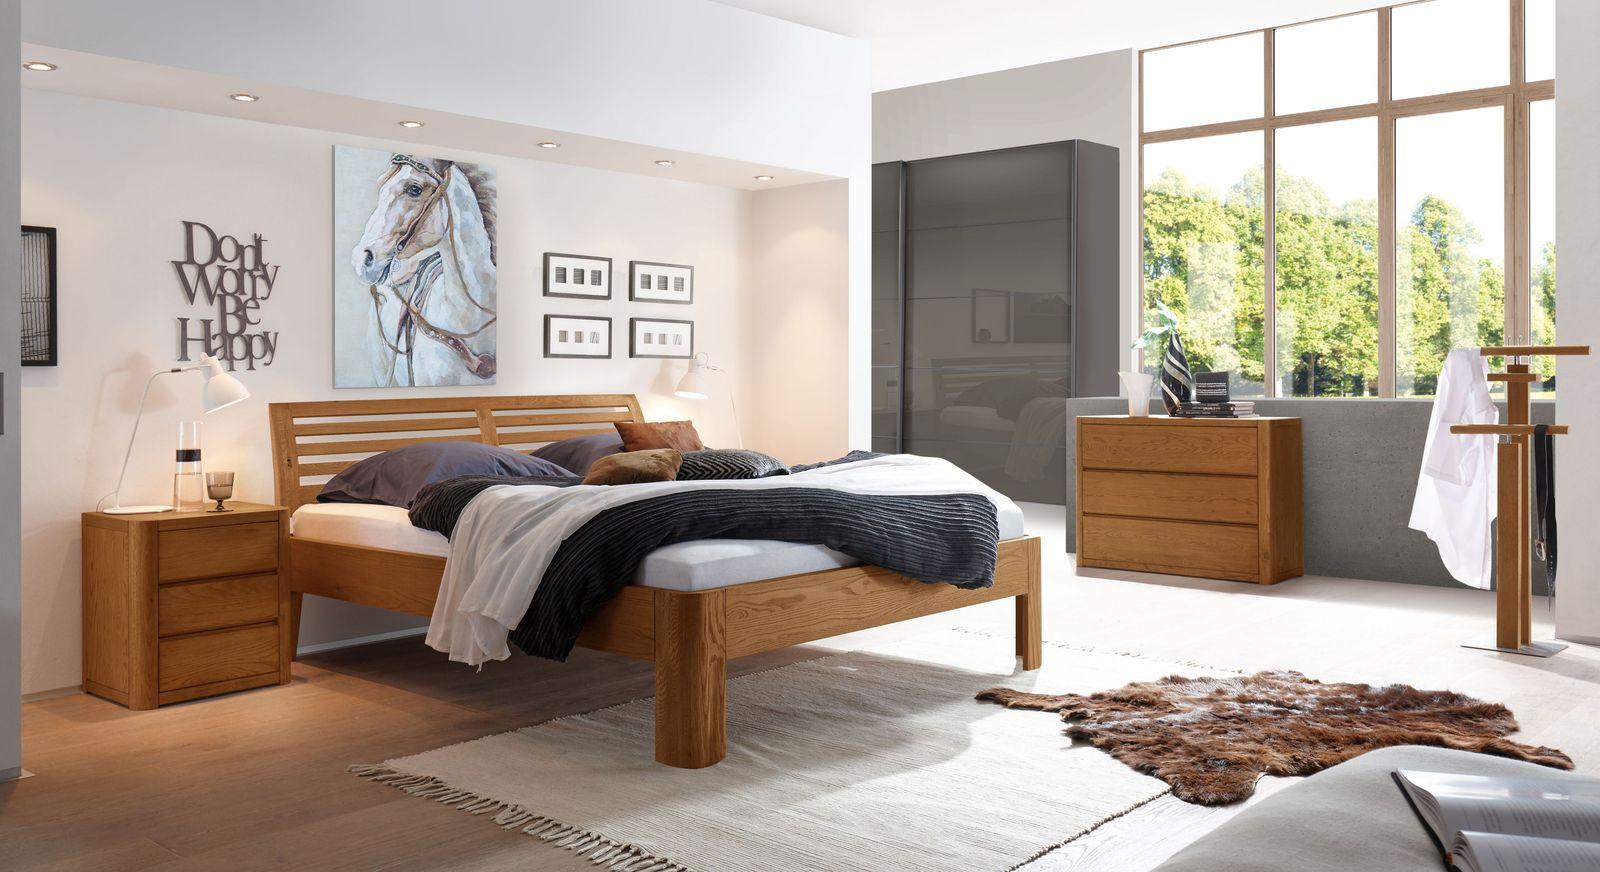 Bett Barcelona mit passender Schlafzimmer-Ausstattung